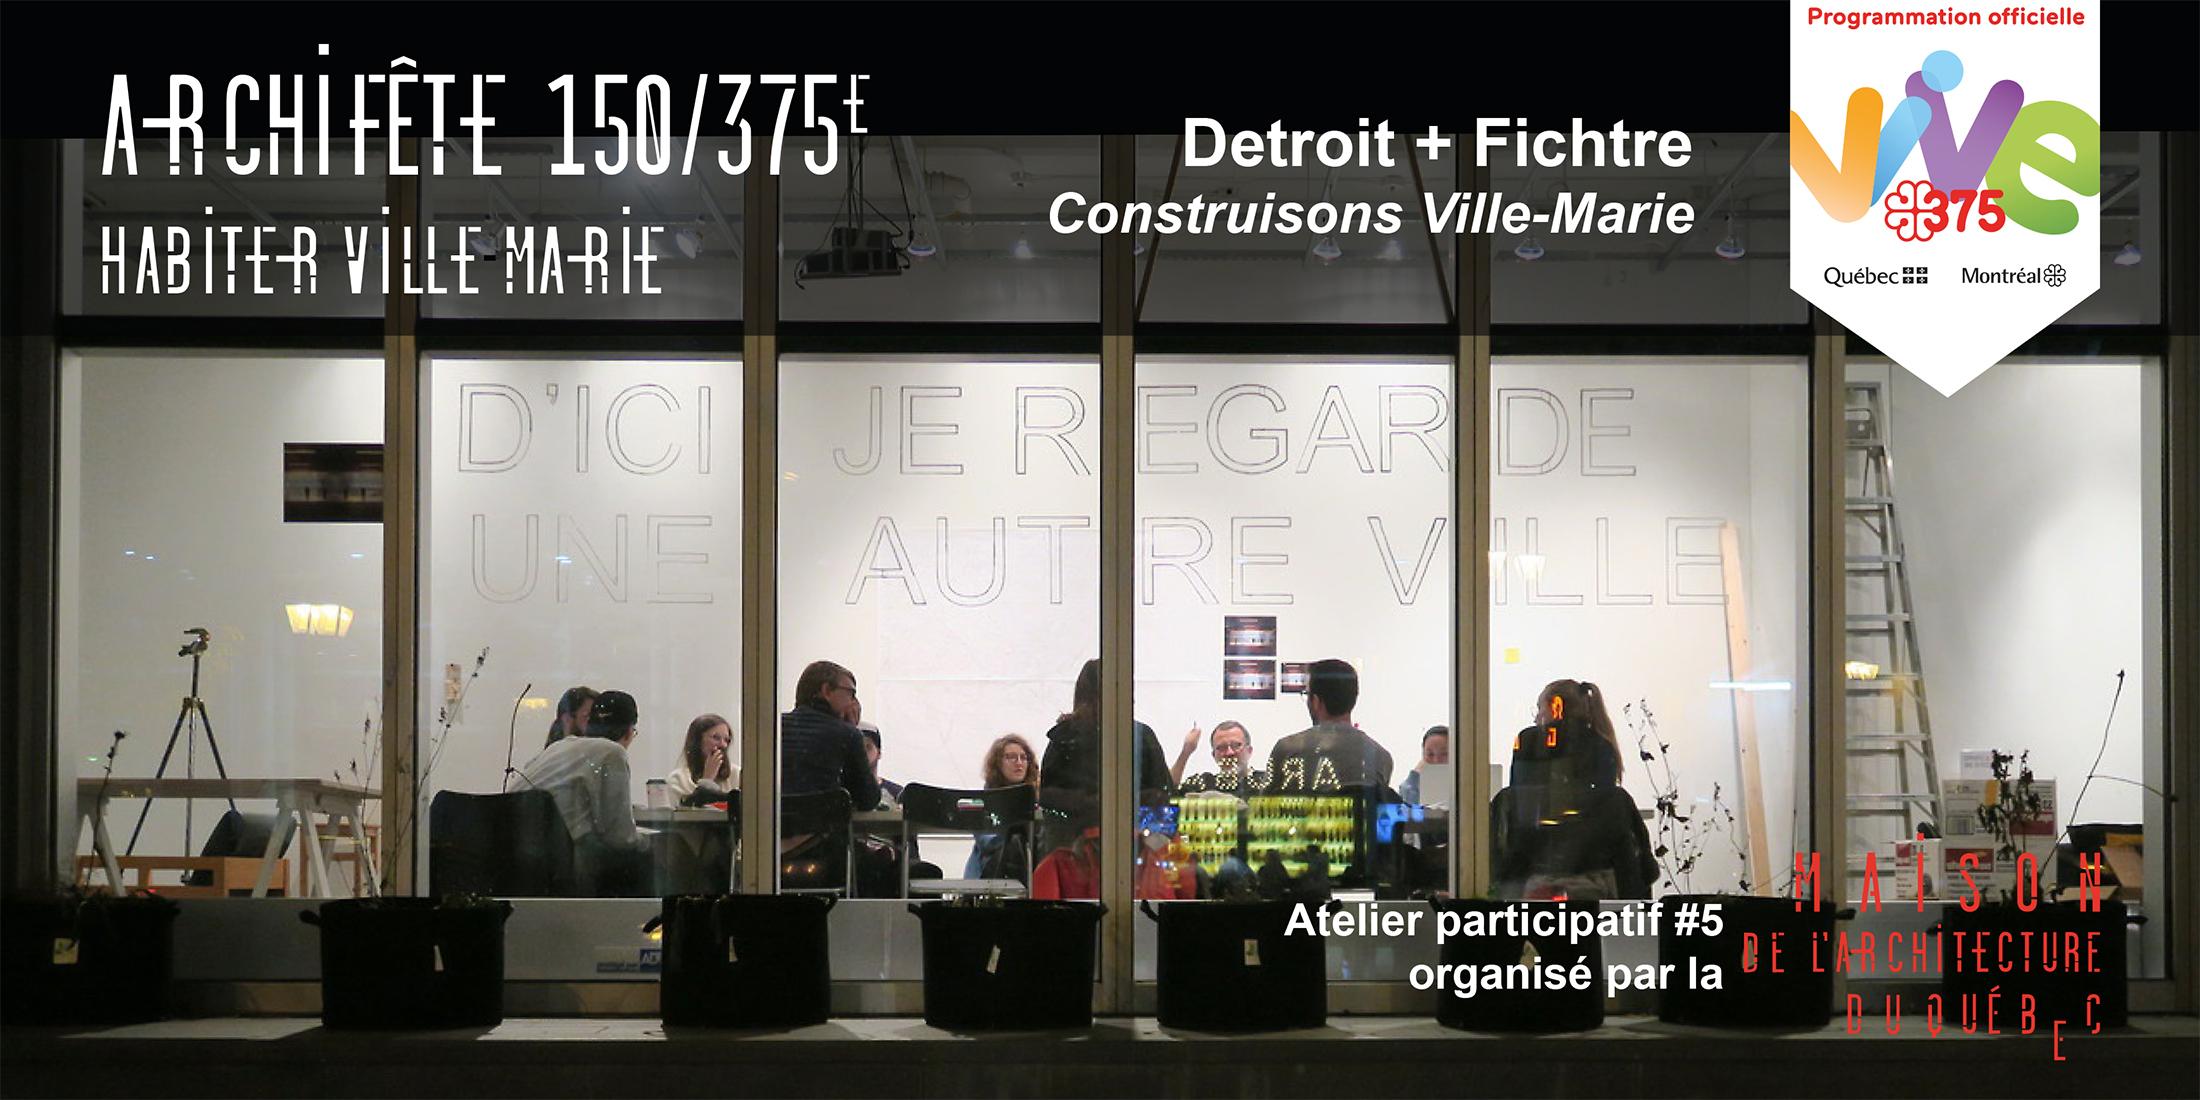 MAQ_Detroit-Fichtre_Atelier5